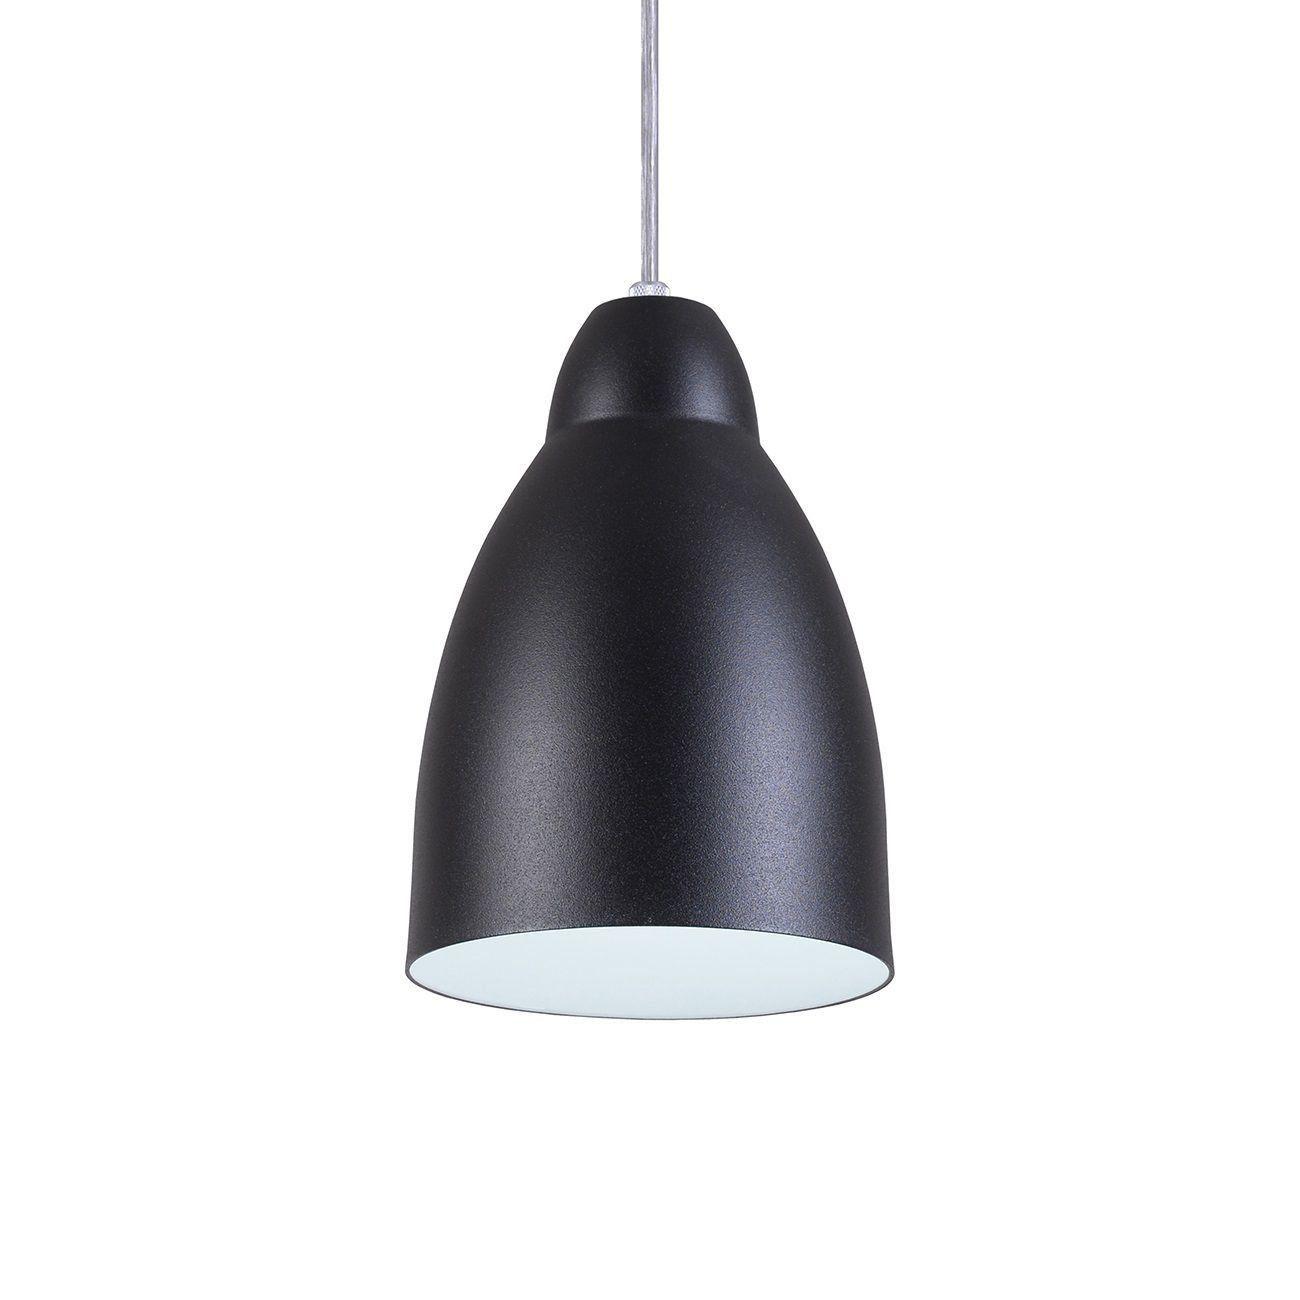 Pendente Bala Luminária Lustre Alumínio Preto Textura - Rei Da Iluminação